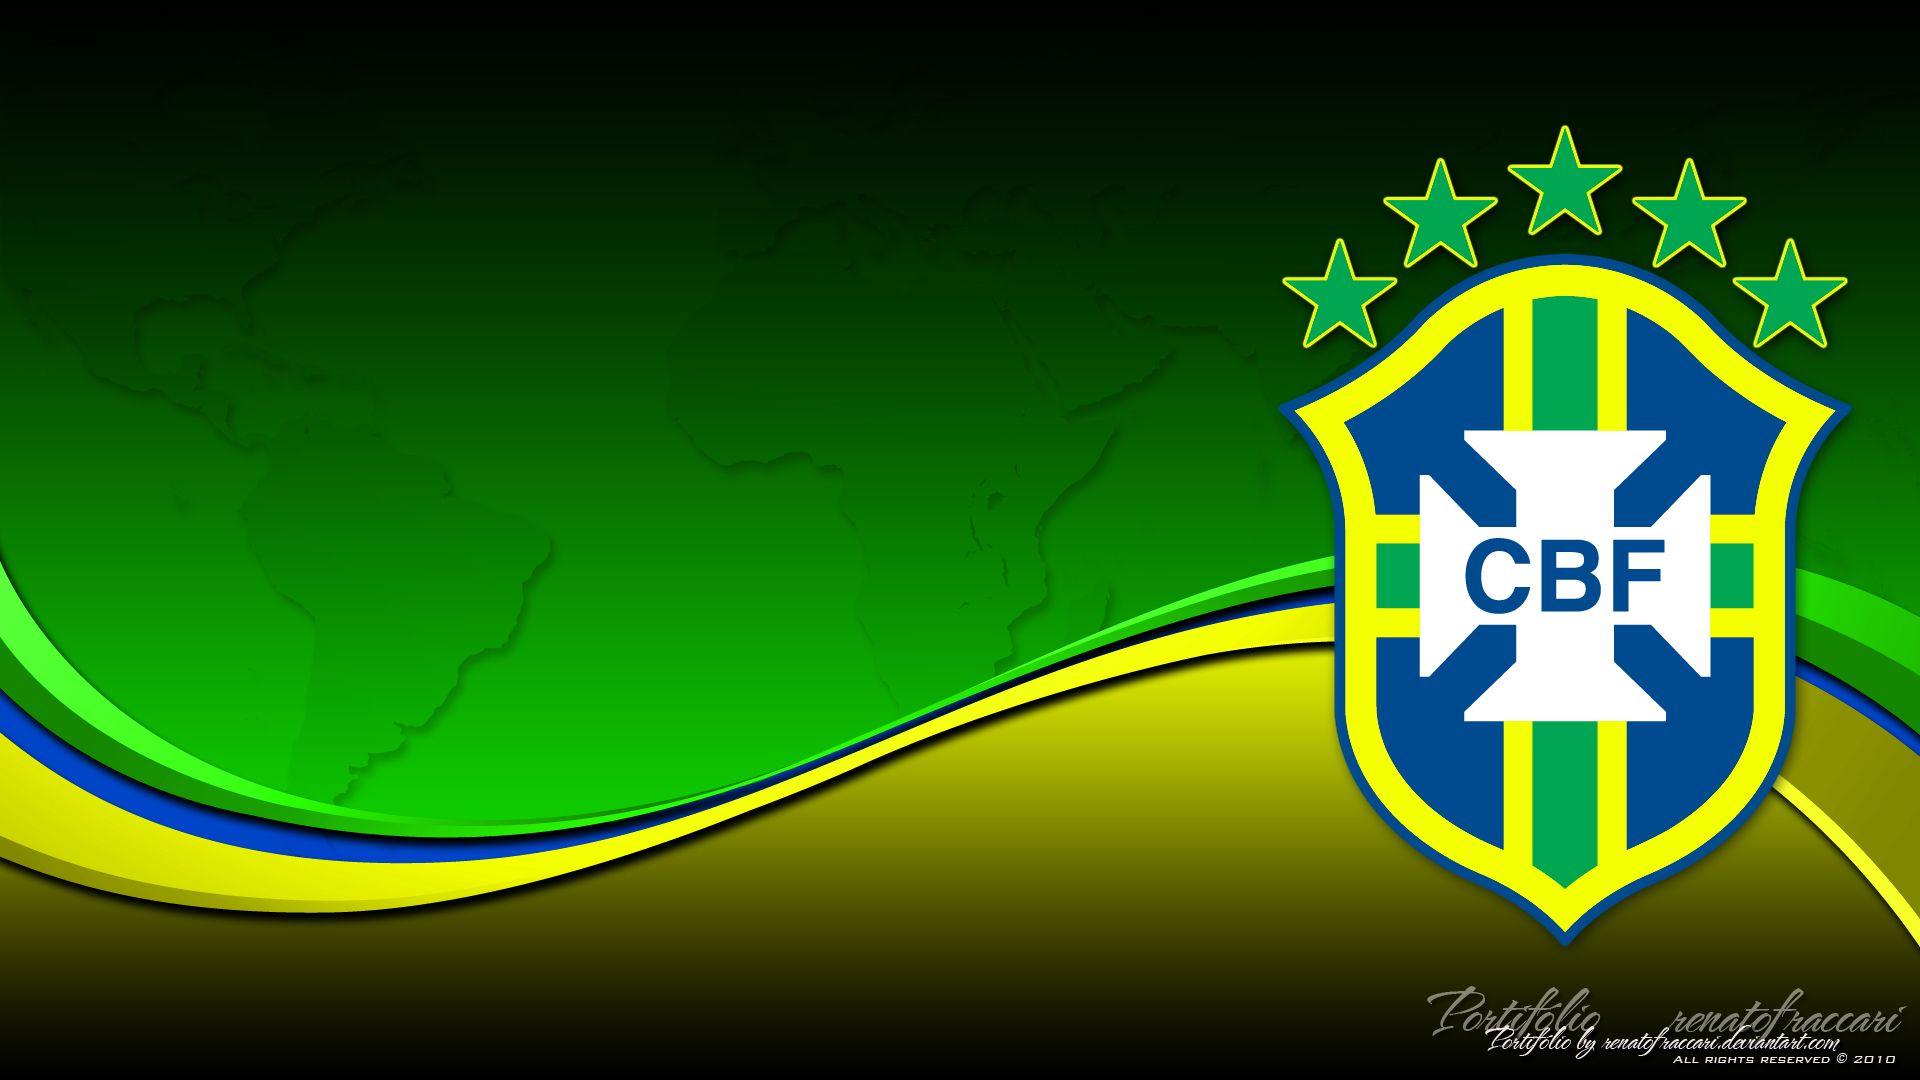 Brasil Cbf Wallpaper Colors Brazil Football Team Football Team Logos Team Wallpaper